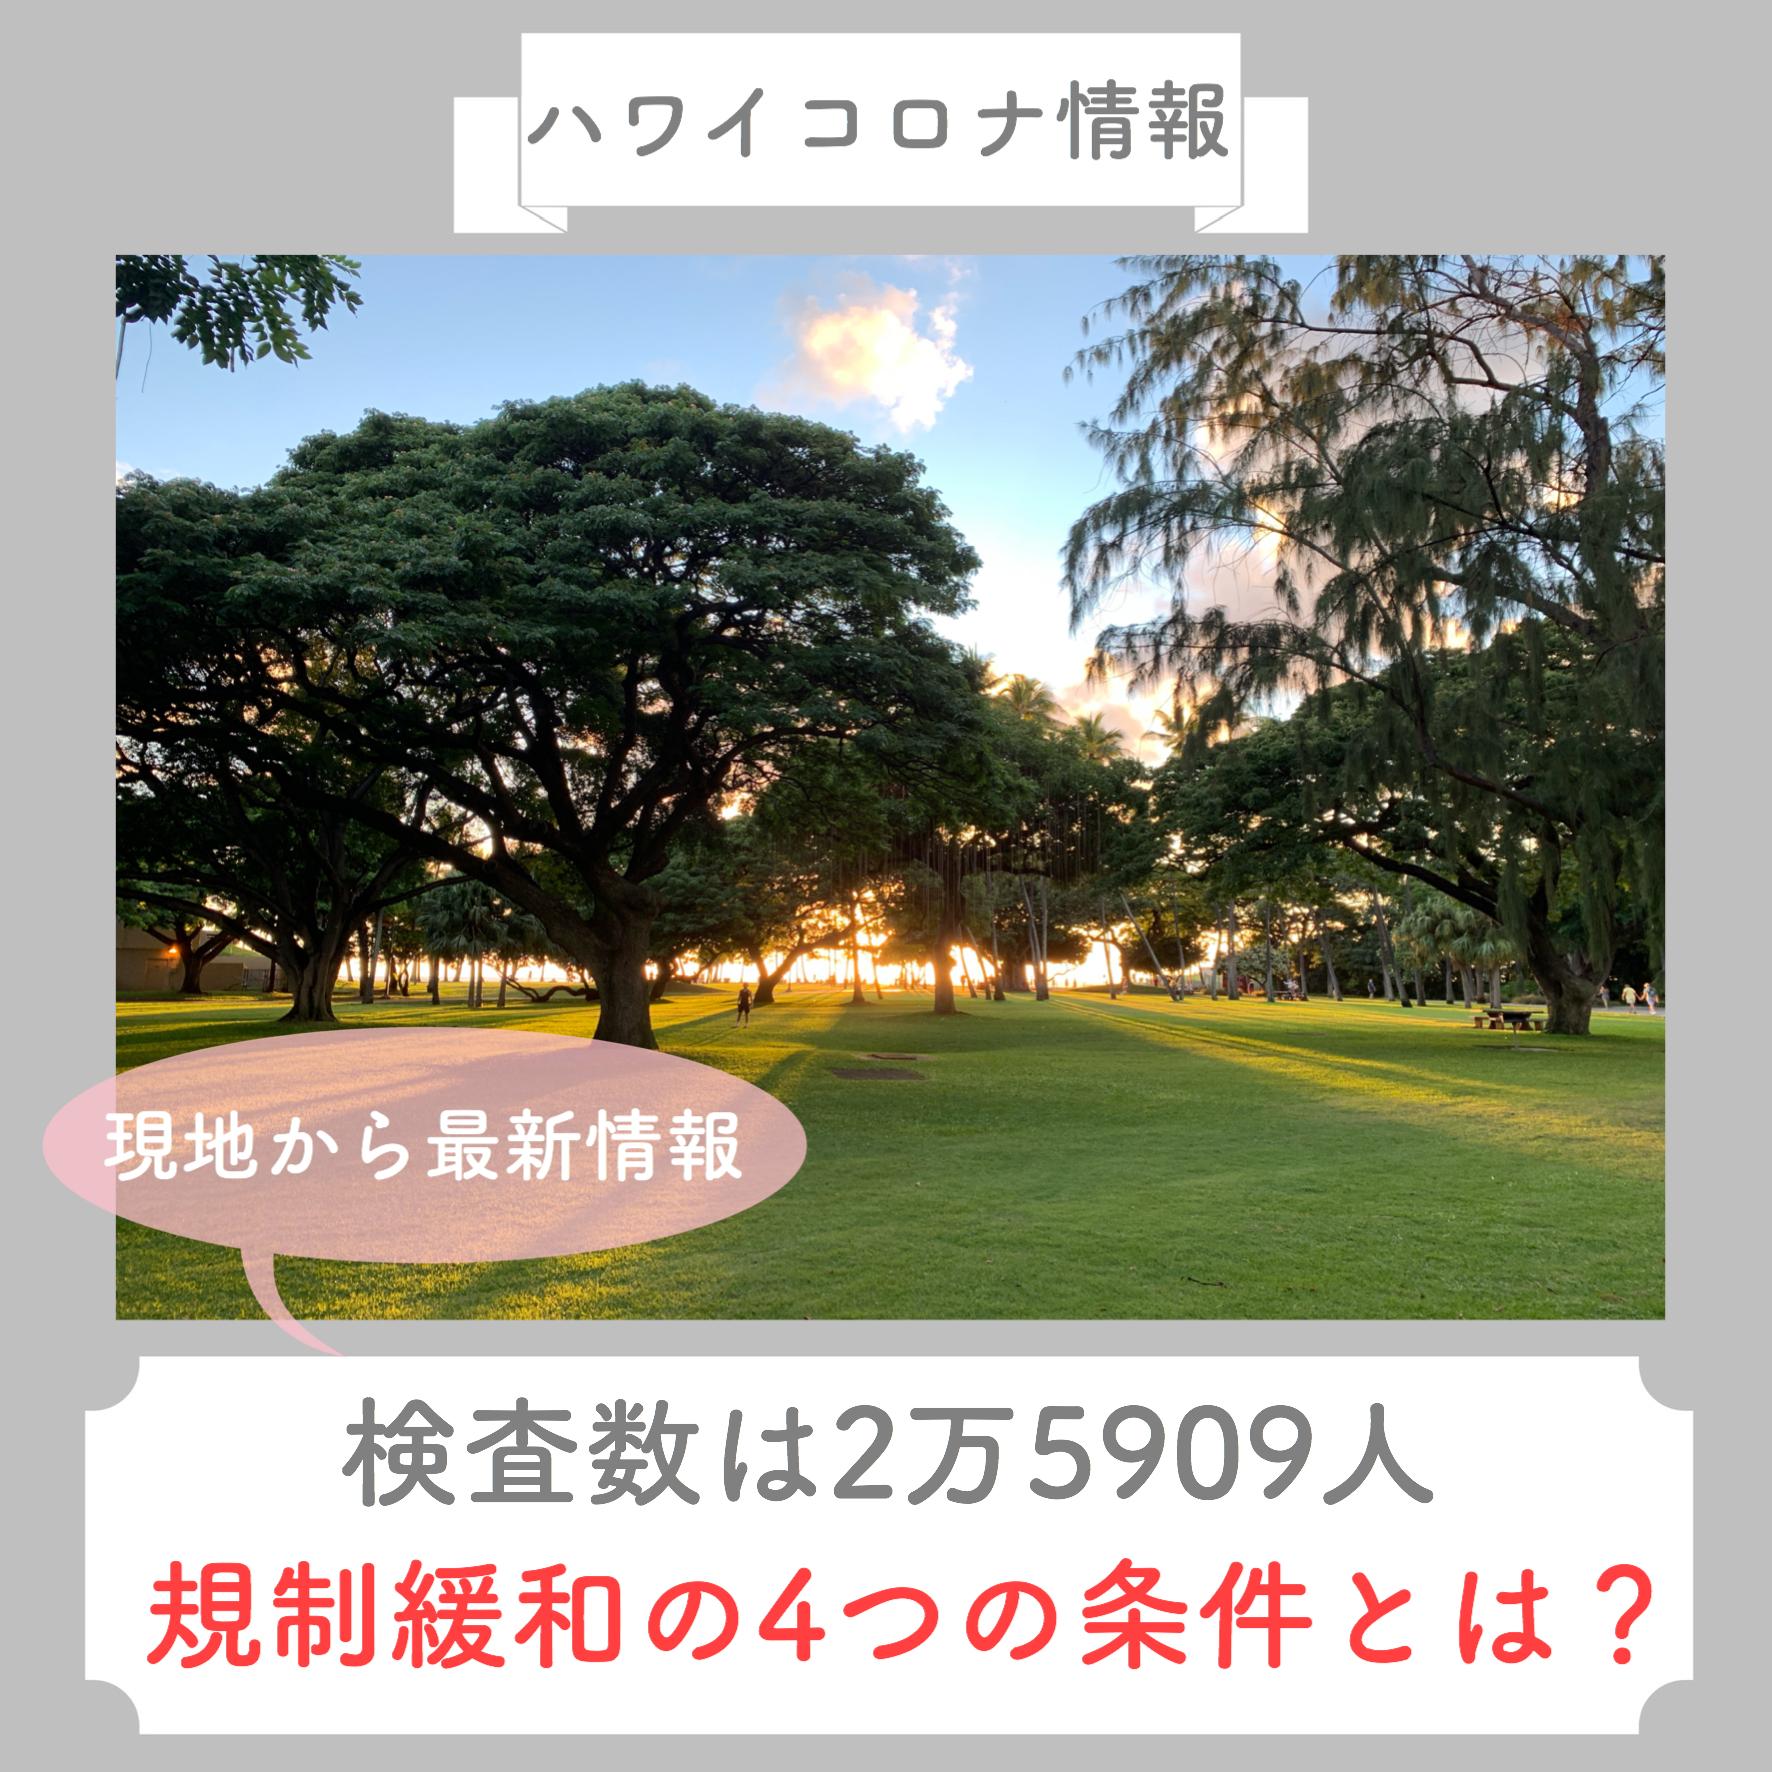 【ハワイコロナ情報】規制緩和の4つの条件とは?検査数は2万5909人